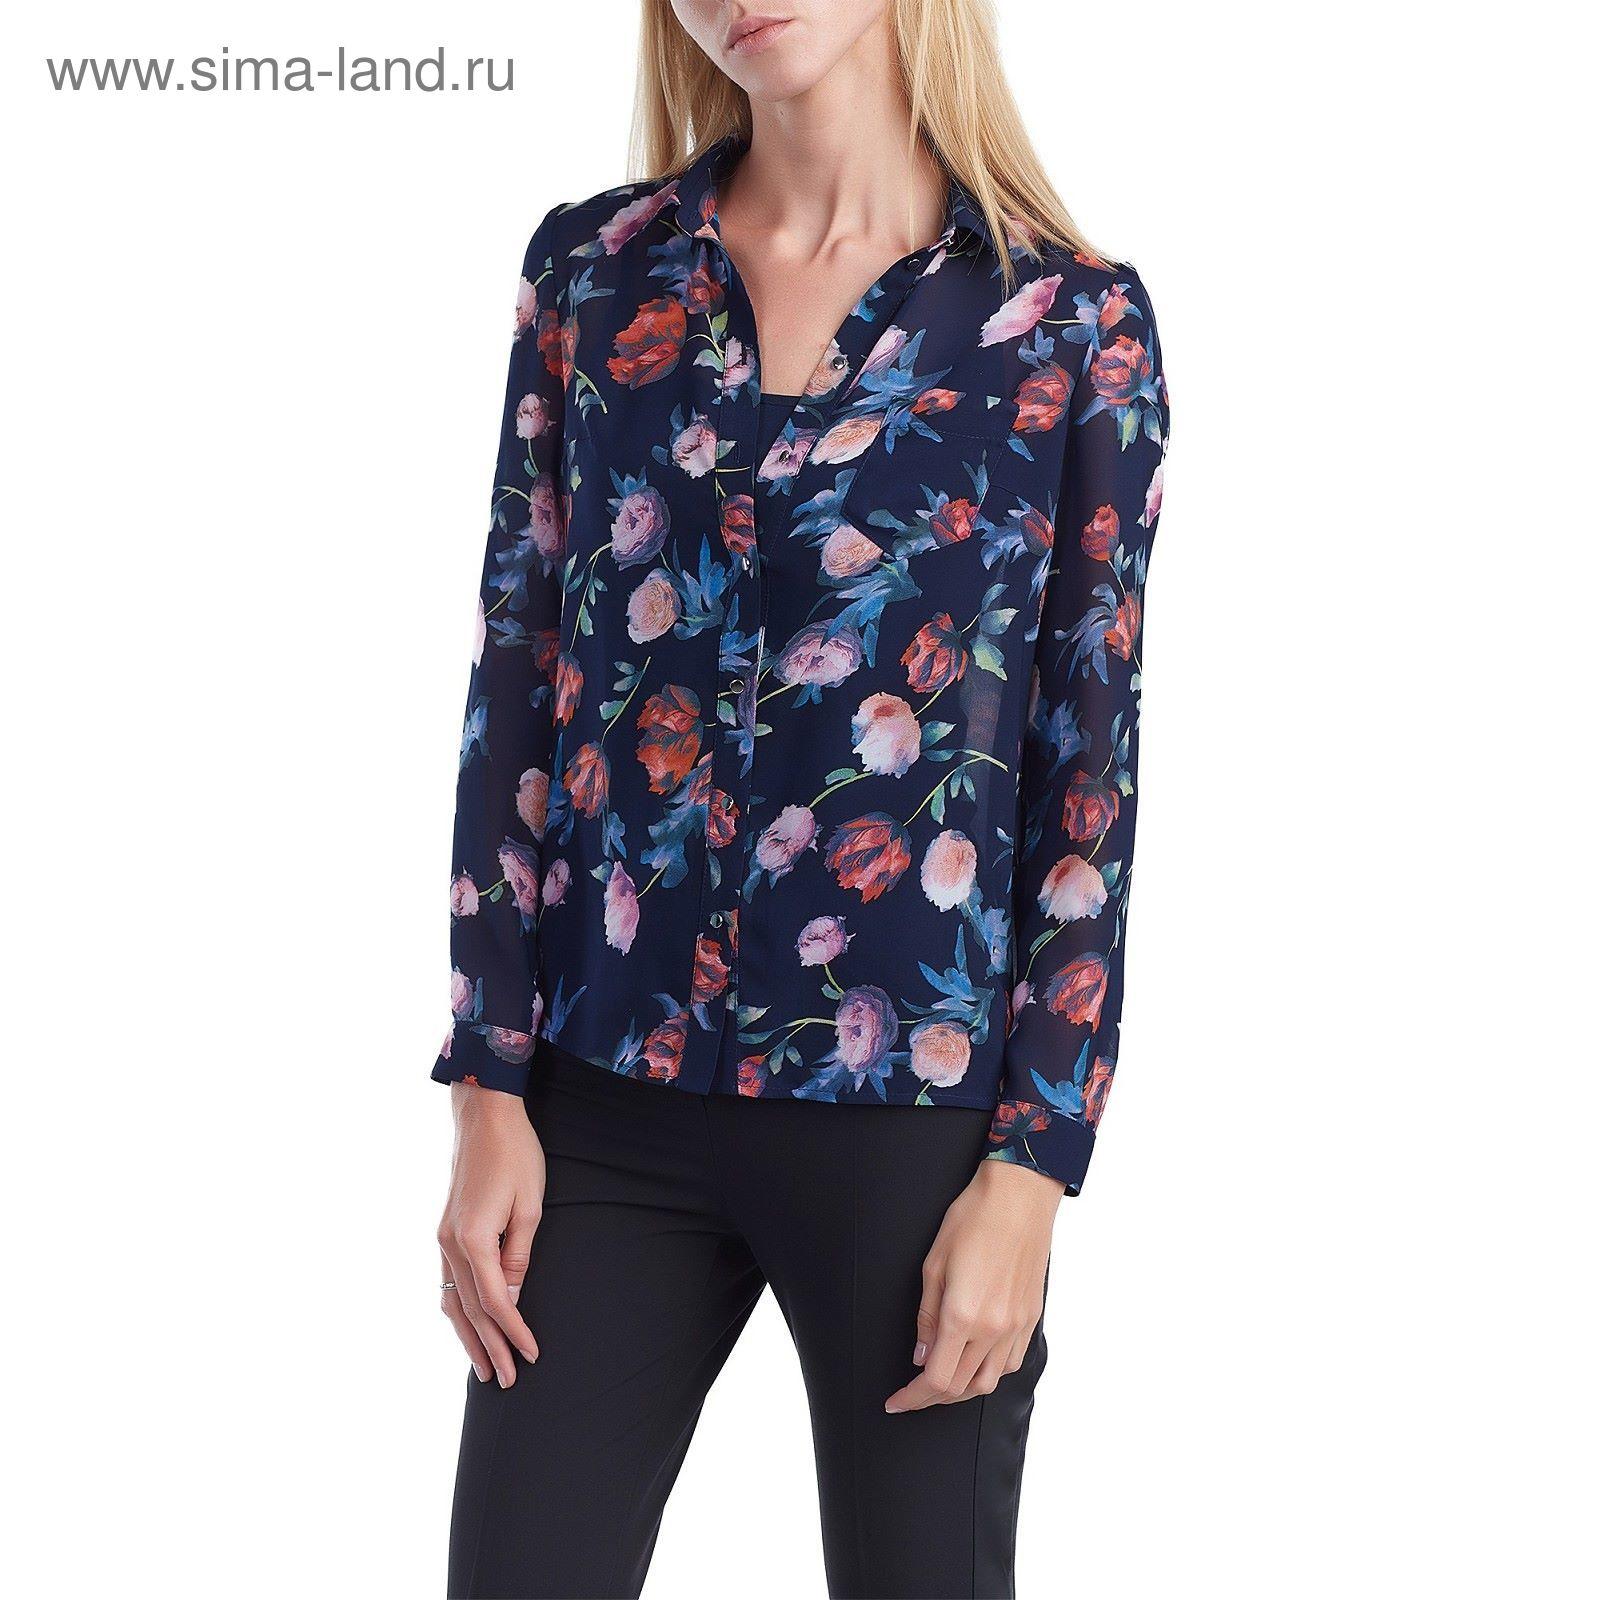 01ded1026ee0 Блуза женская 160821-9277-4 темно-синий, р-р 48 (1918725) - Купить ...